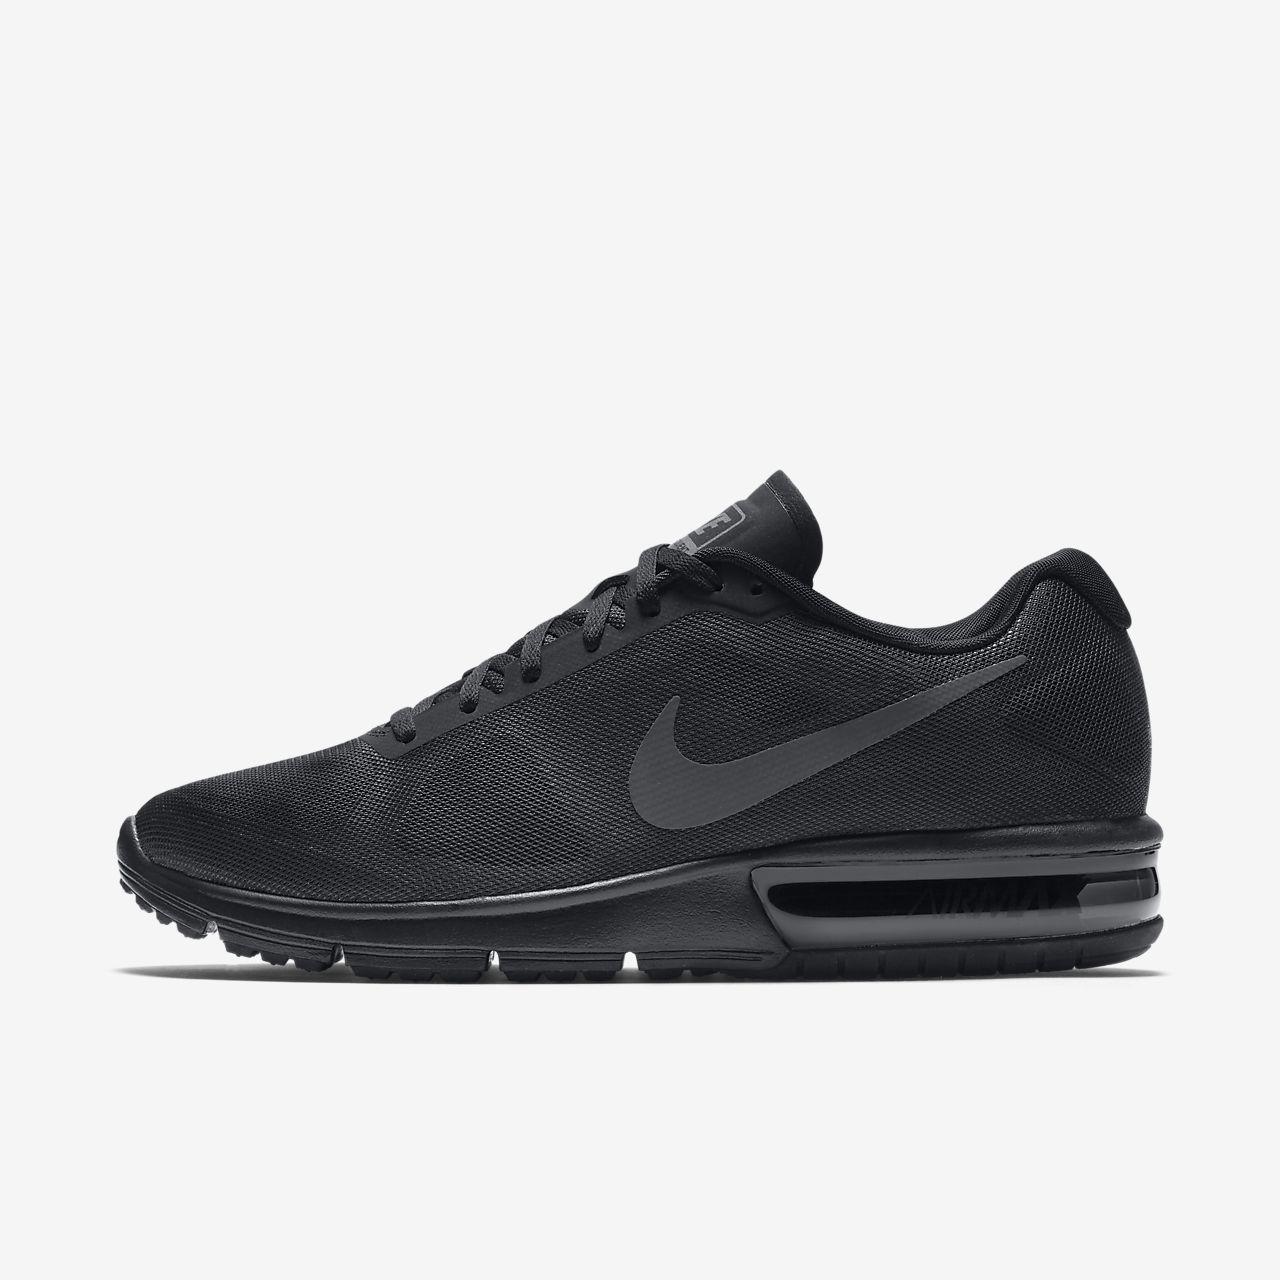 Nike Air Max 1 Erkekler Popüler Ayakkabı Dark Kırmızı Siyah Yeni Gelen